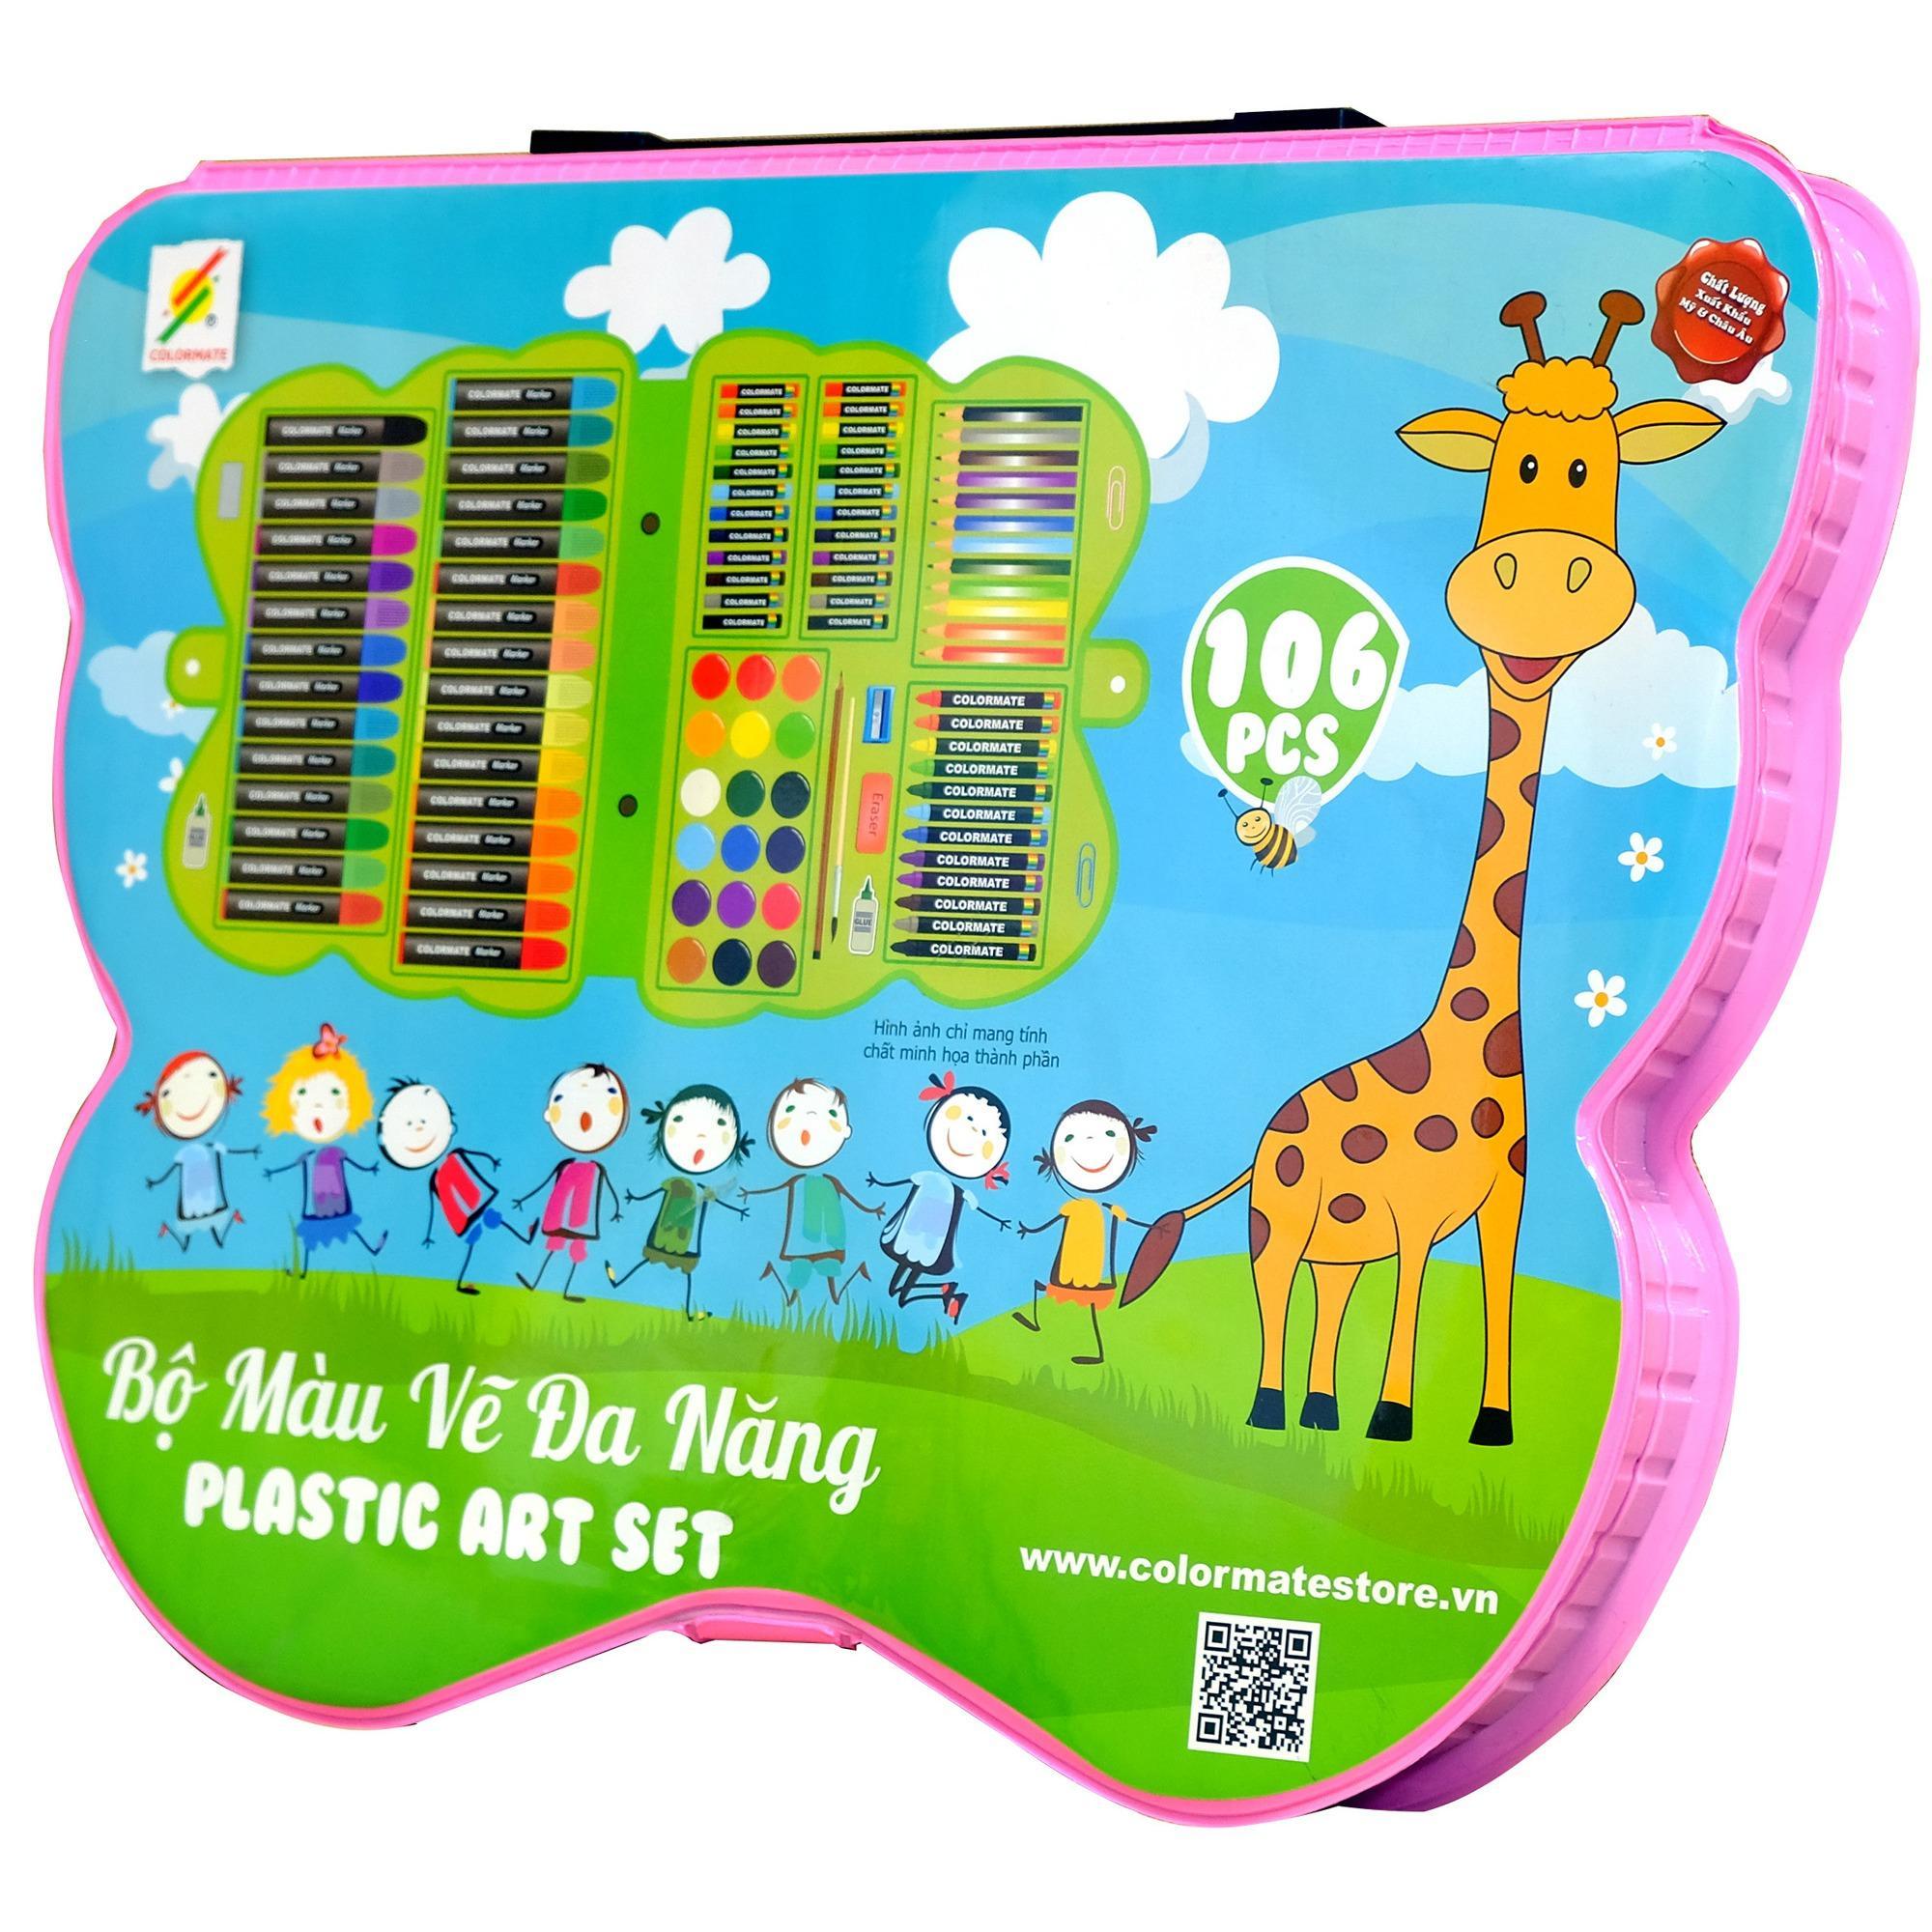 Bộ Màu Vẽ Đa Năng Hộp Nhựa CM-106PLS Có Giá Ưu Đãi